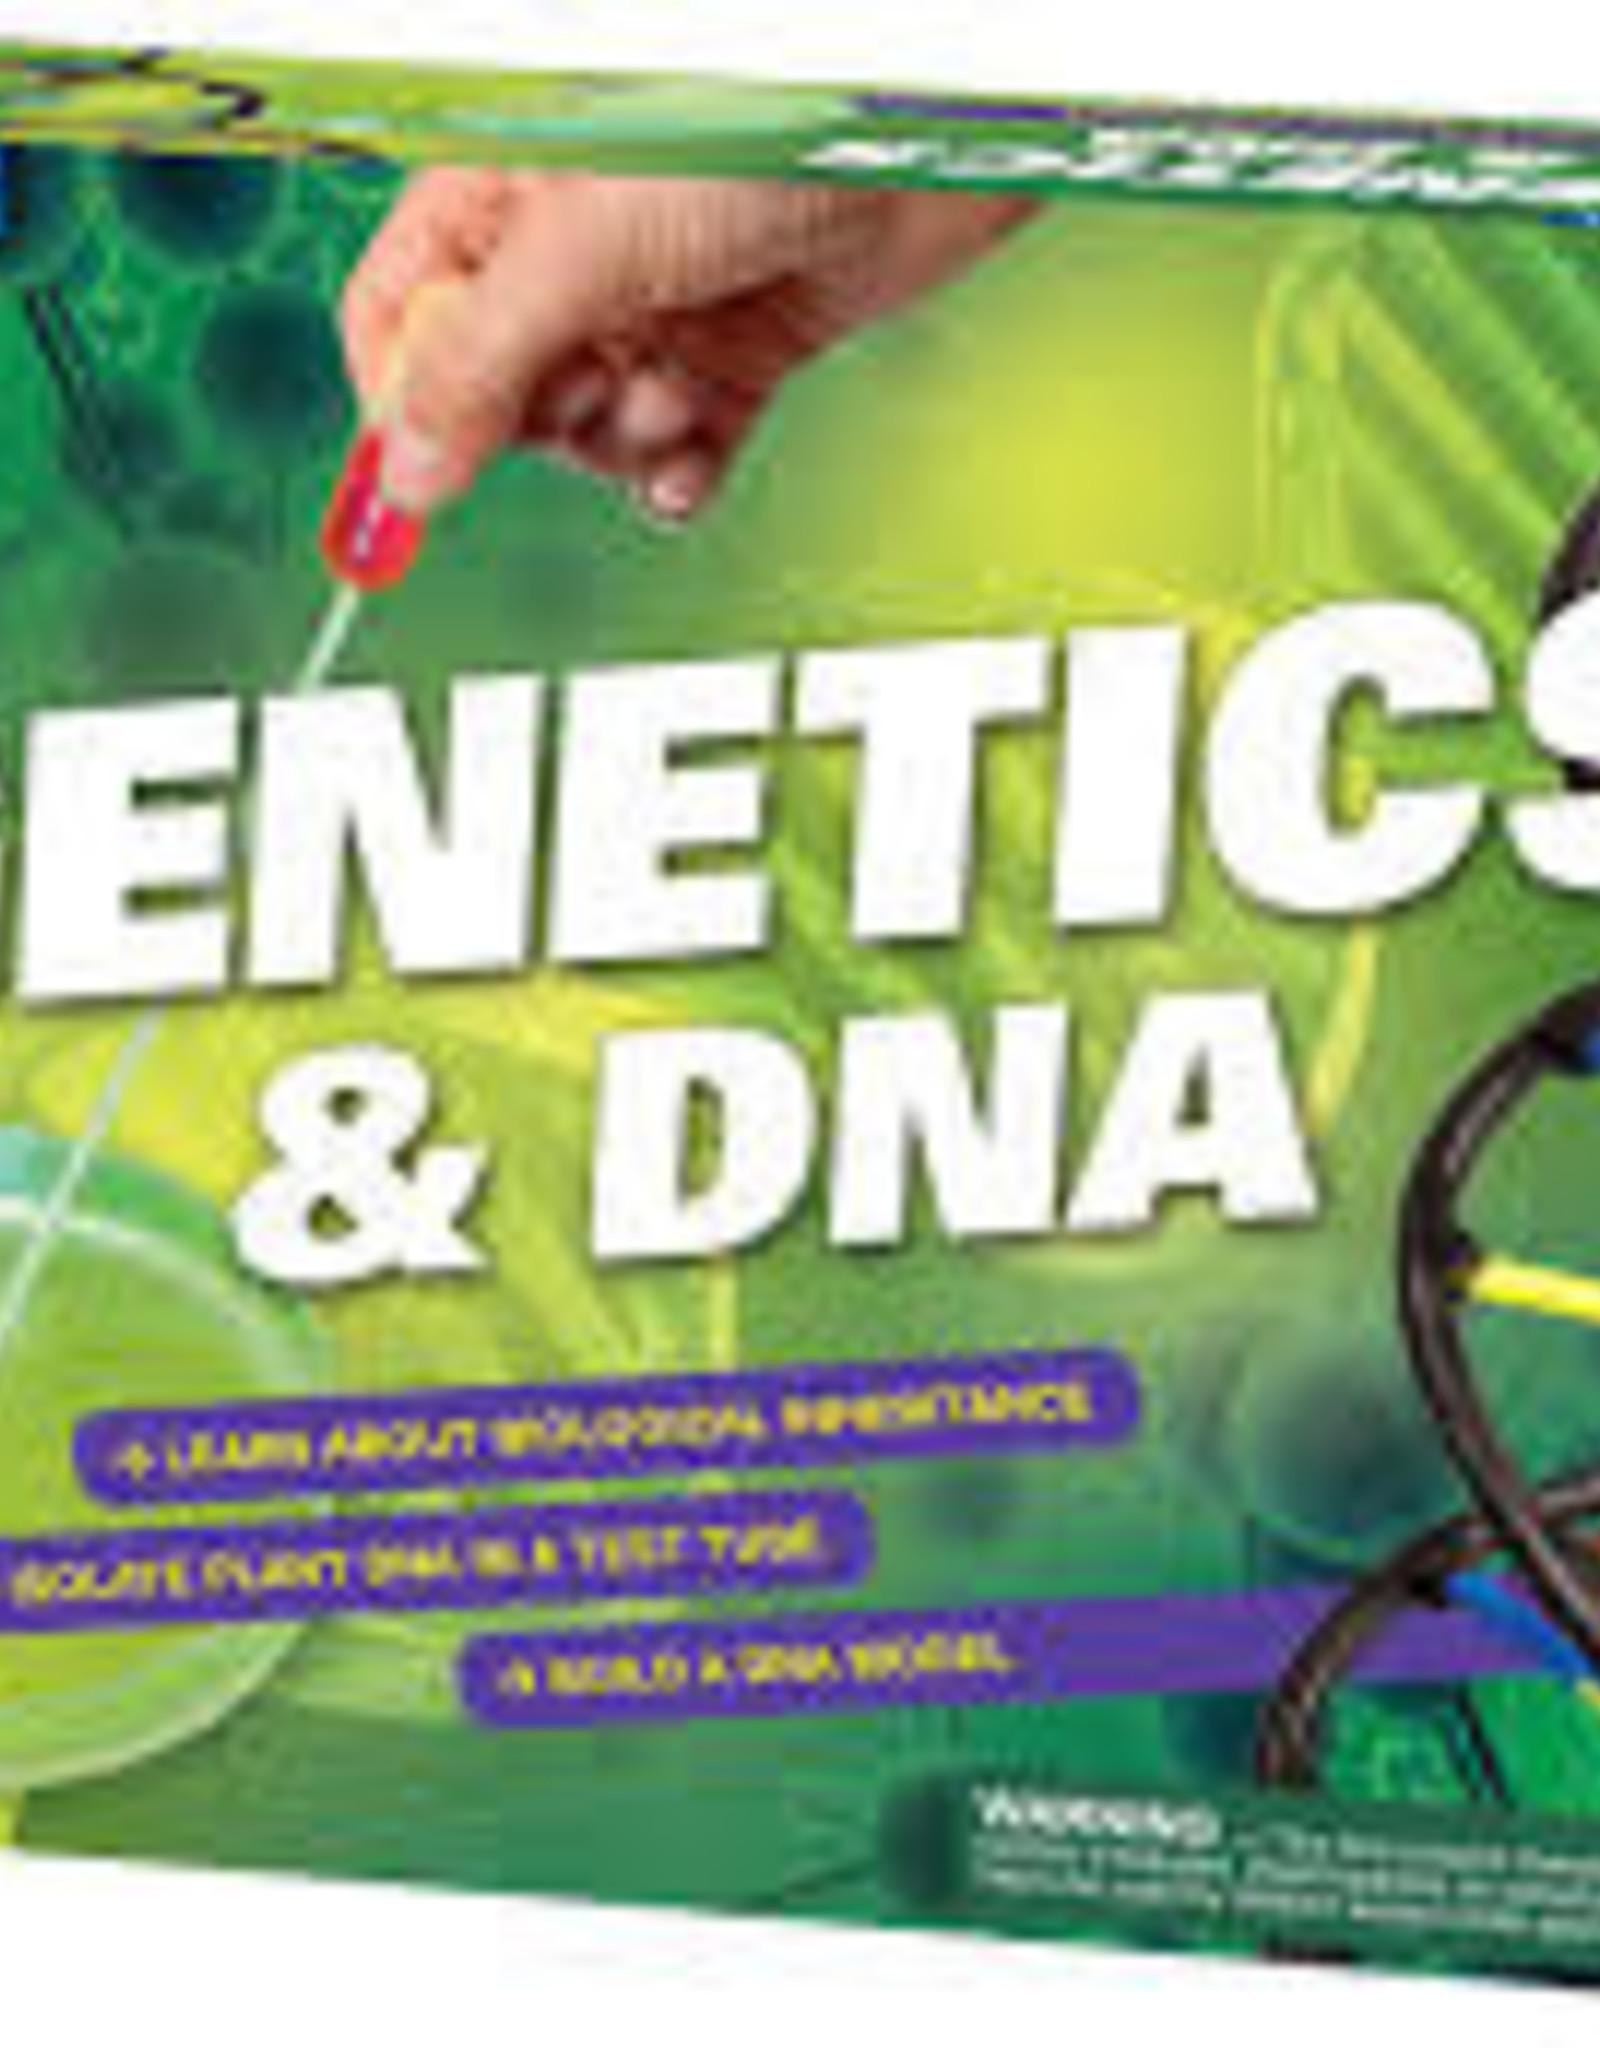 Thames & Kosmos GENETICS & DNA (V 2.0)